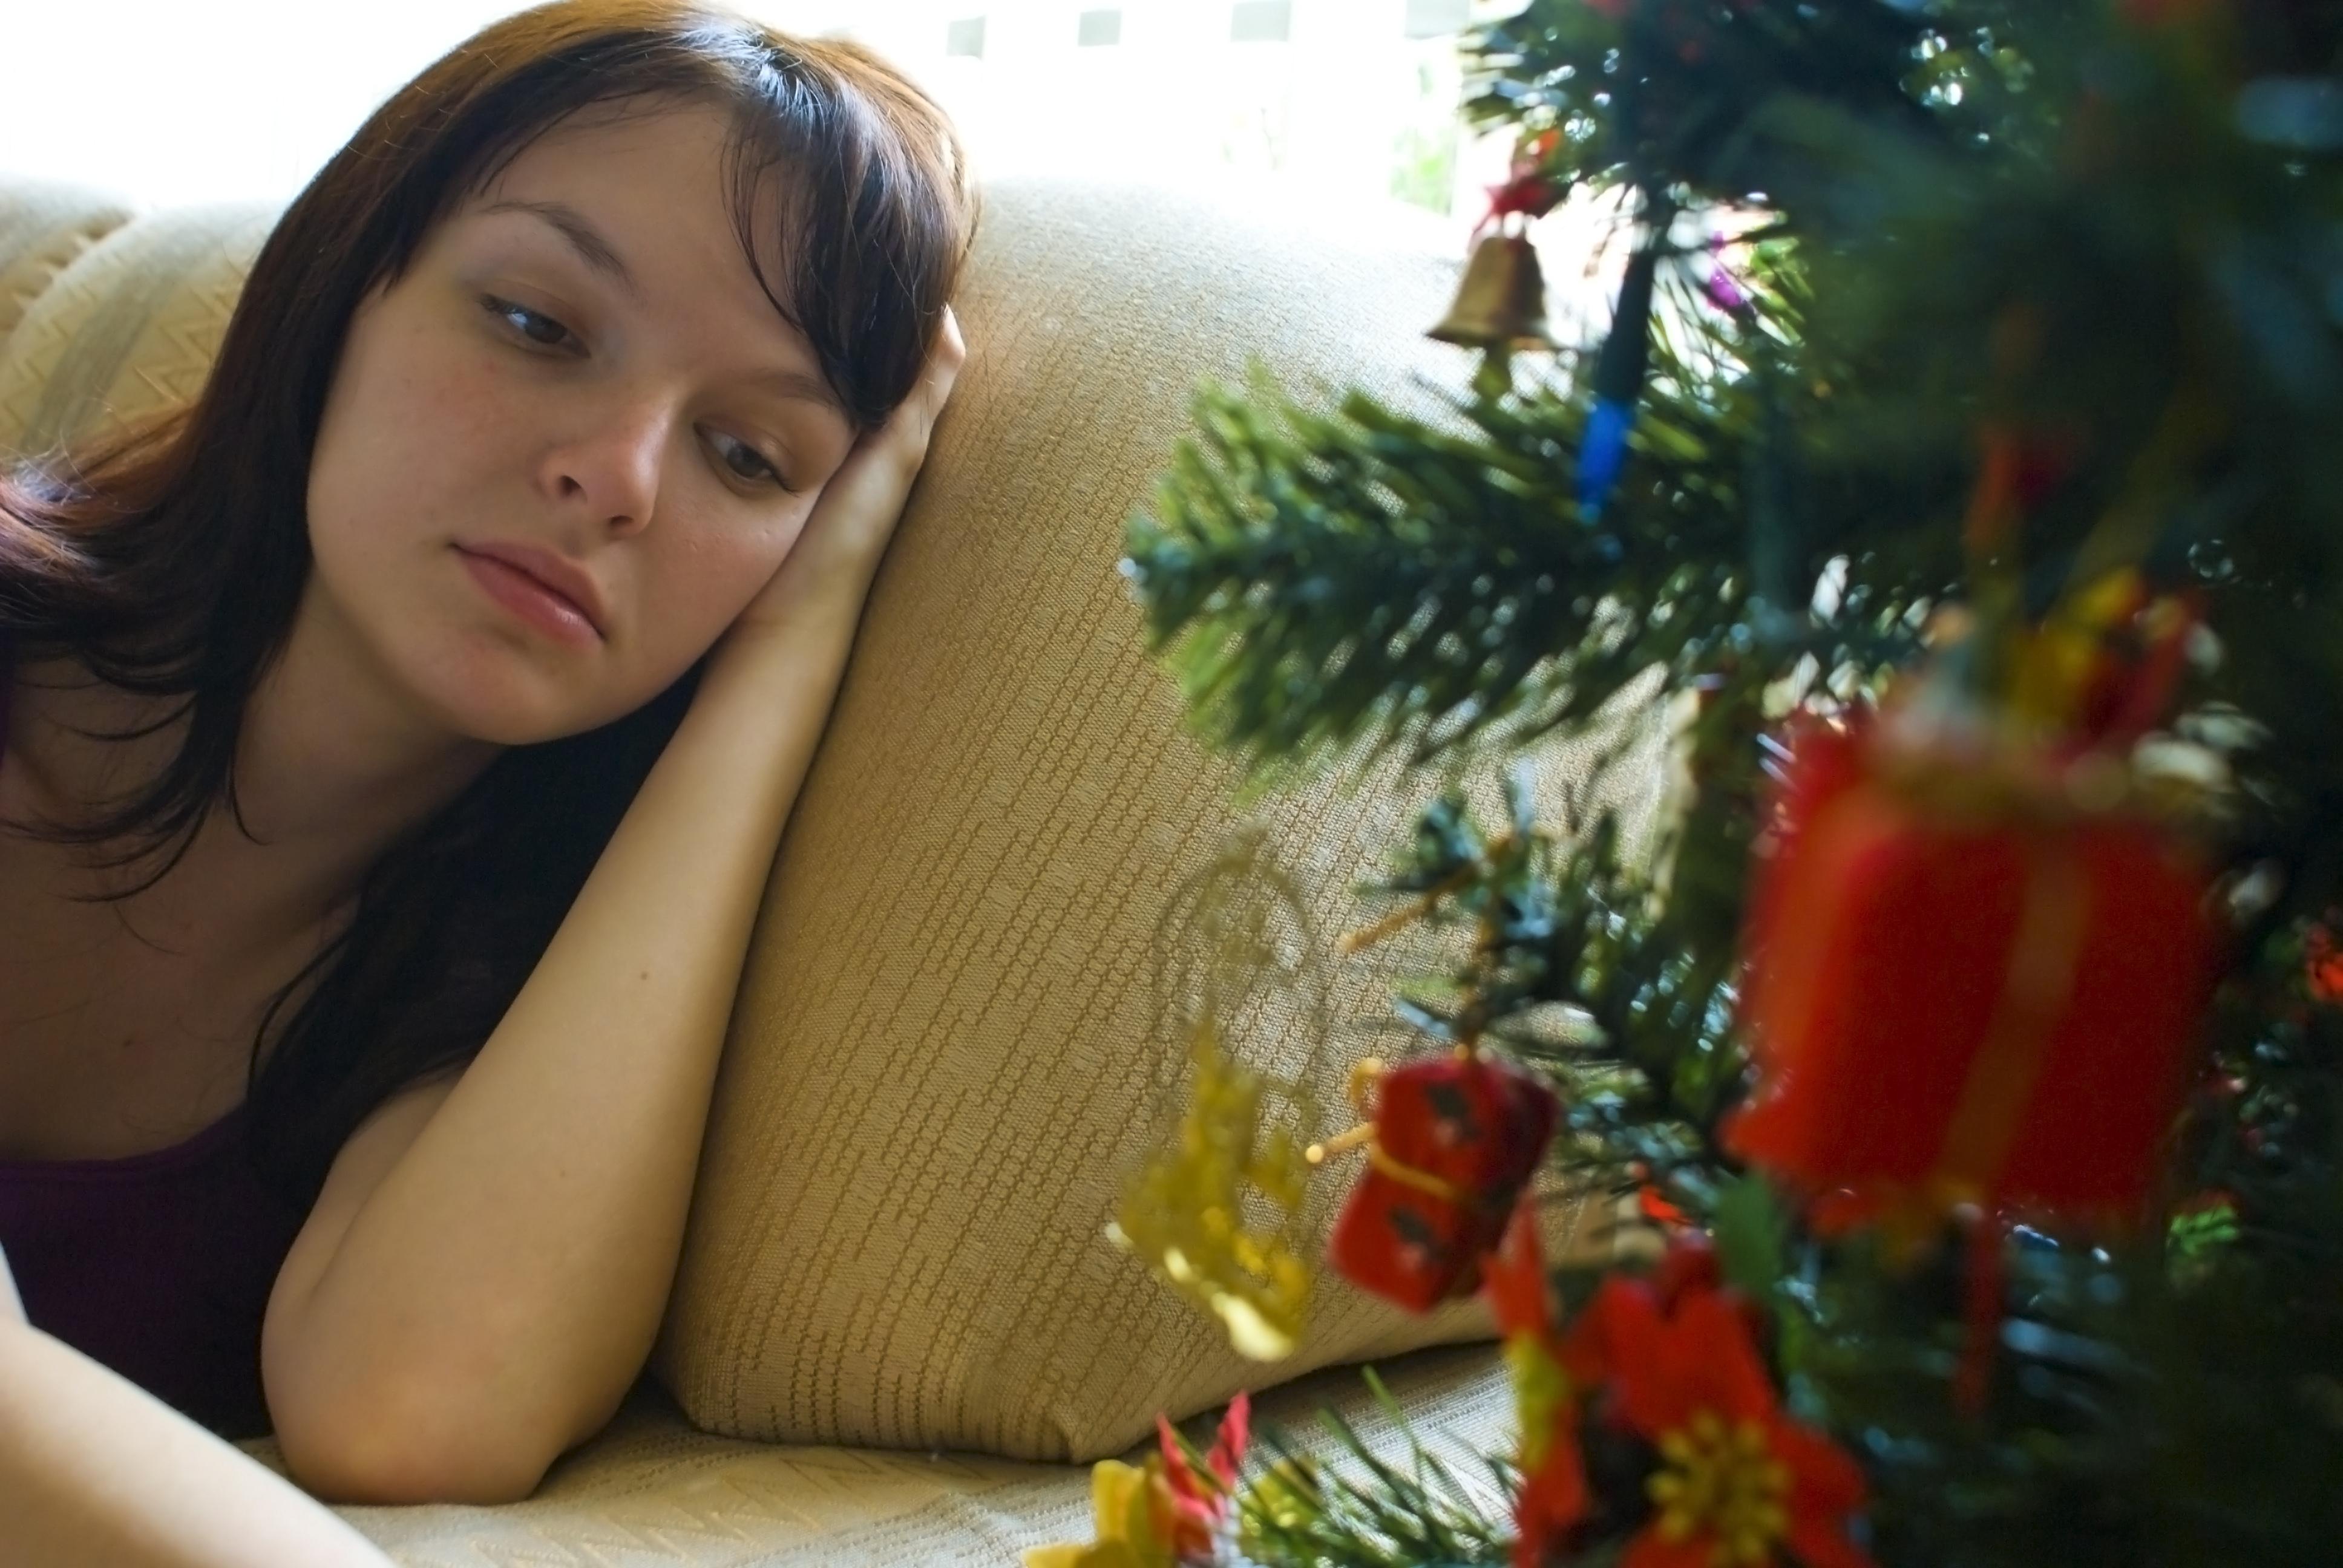 Αποτέλεσμα εικόνας για alone for the holidays